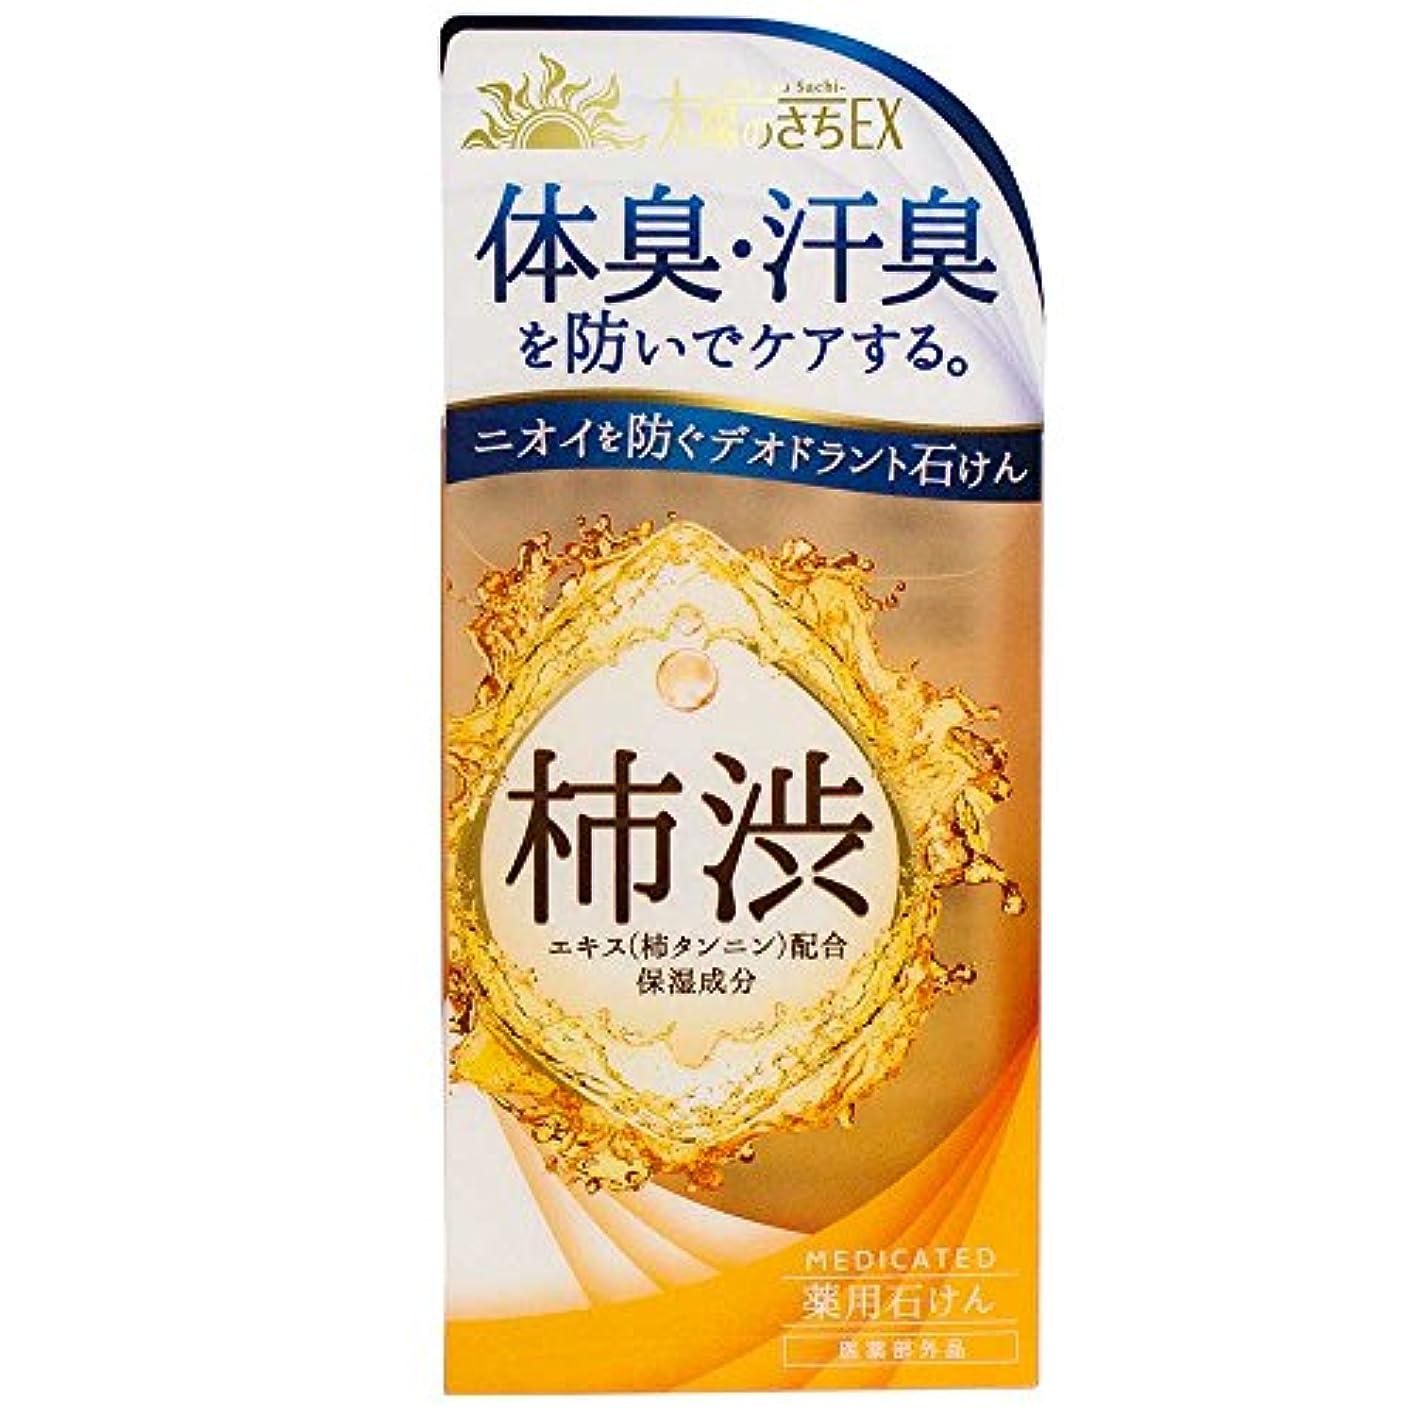 時系列意欲前進薬用太陽のさちEX 柿渋石けん 120g